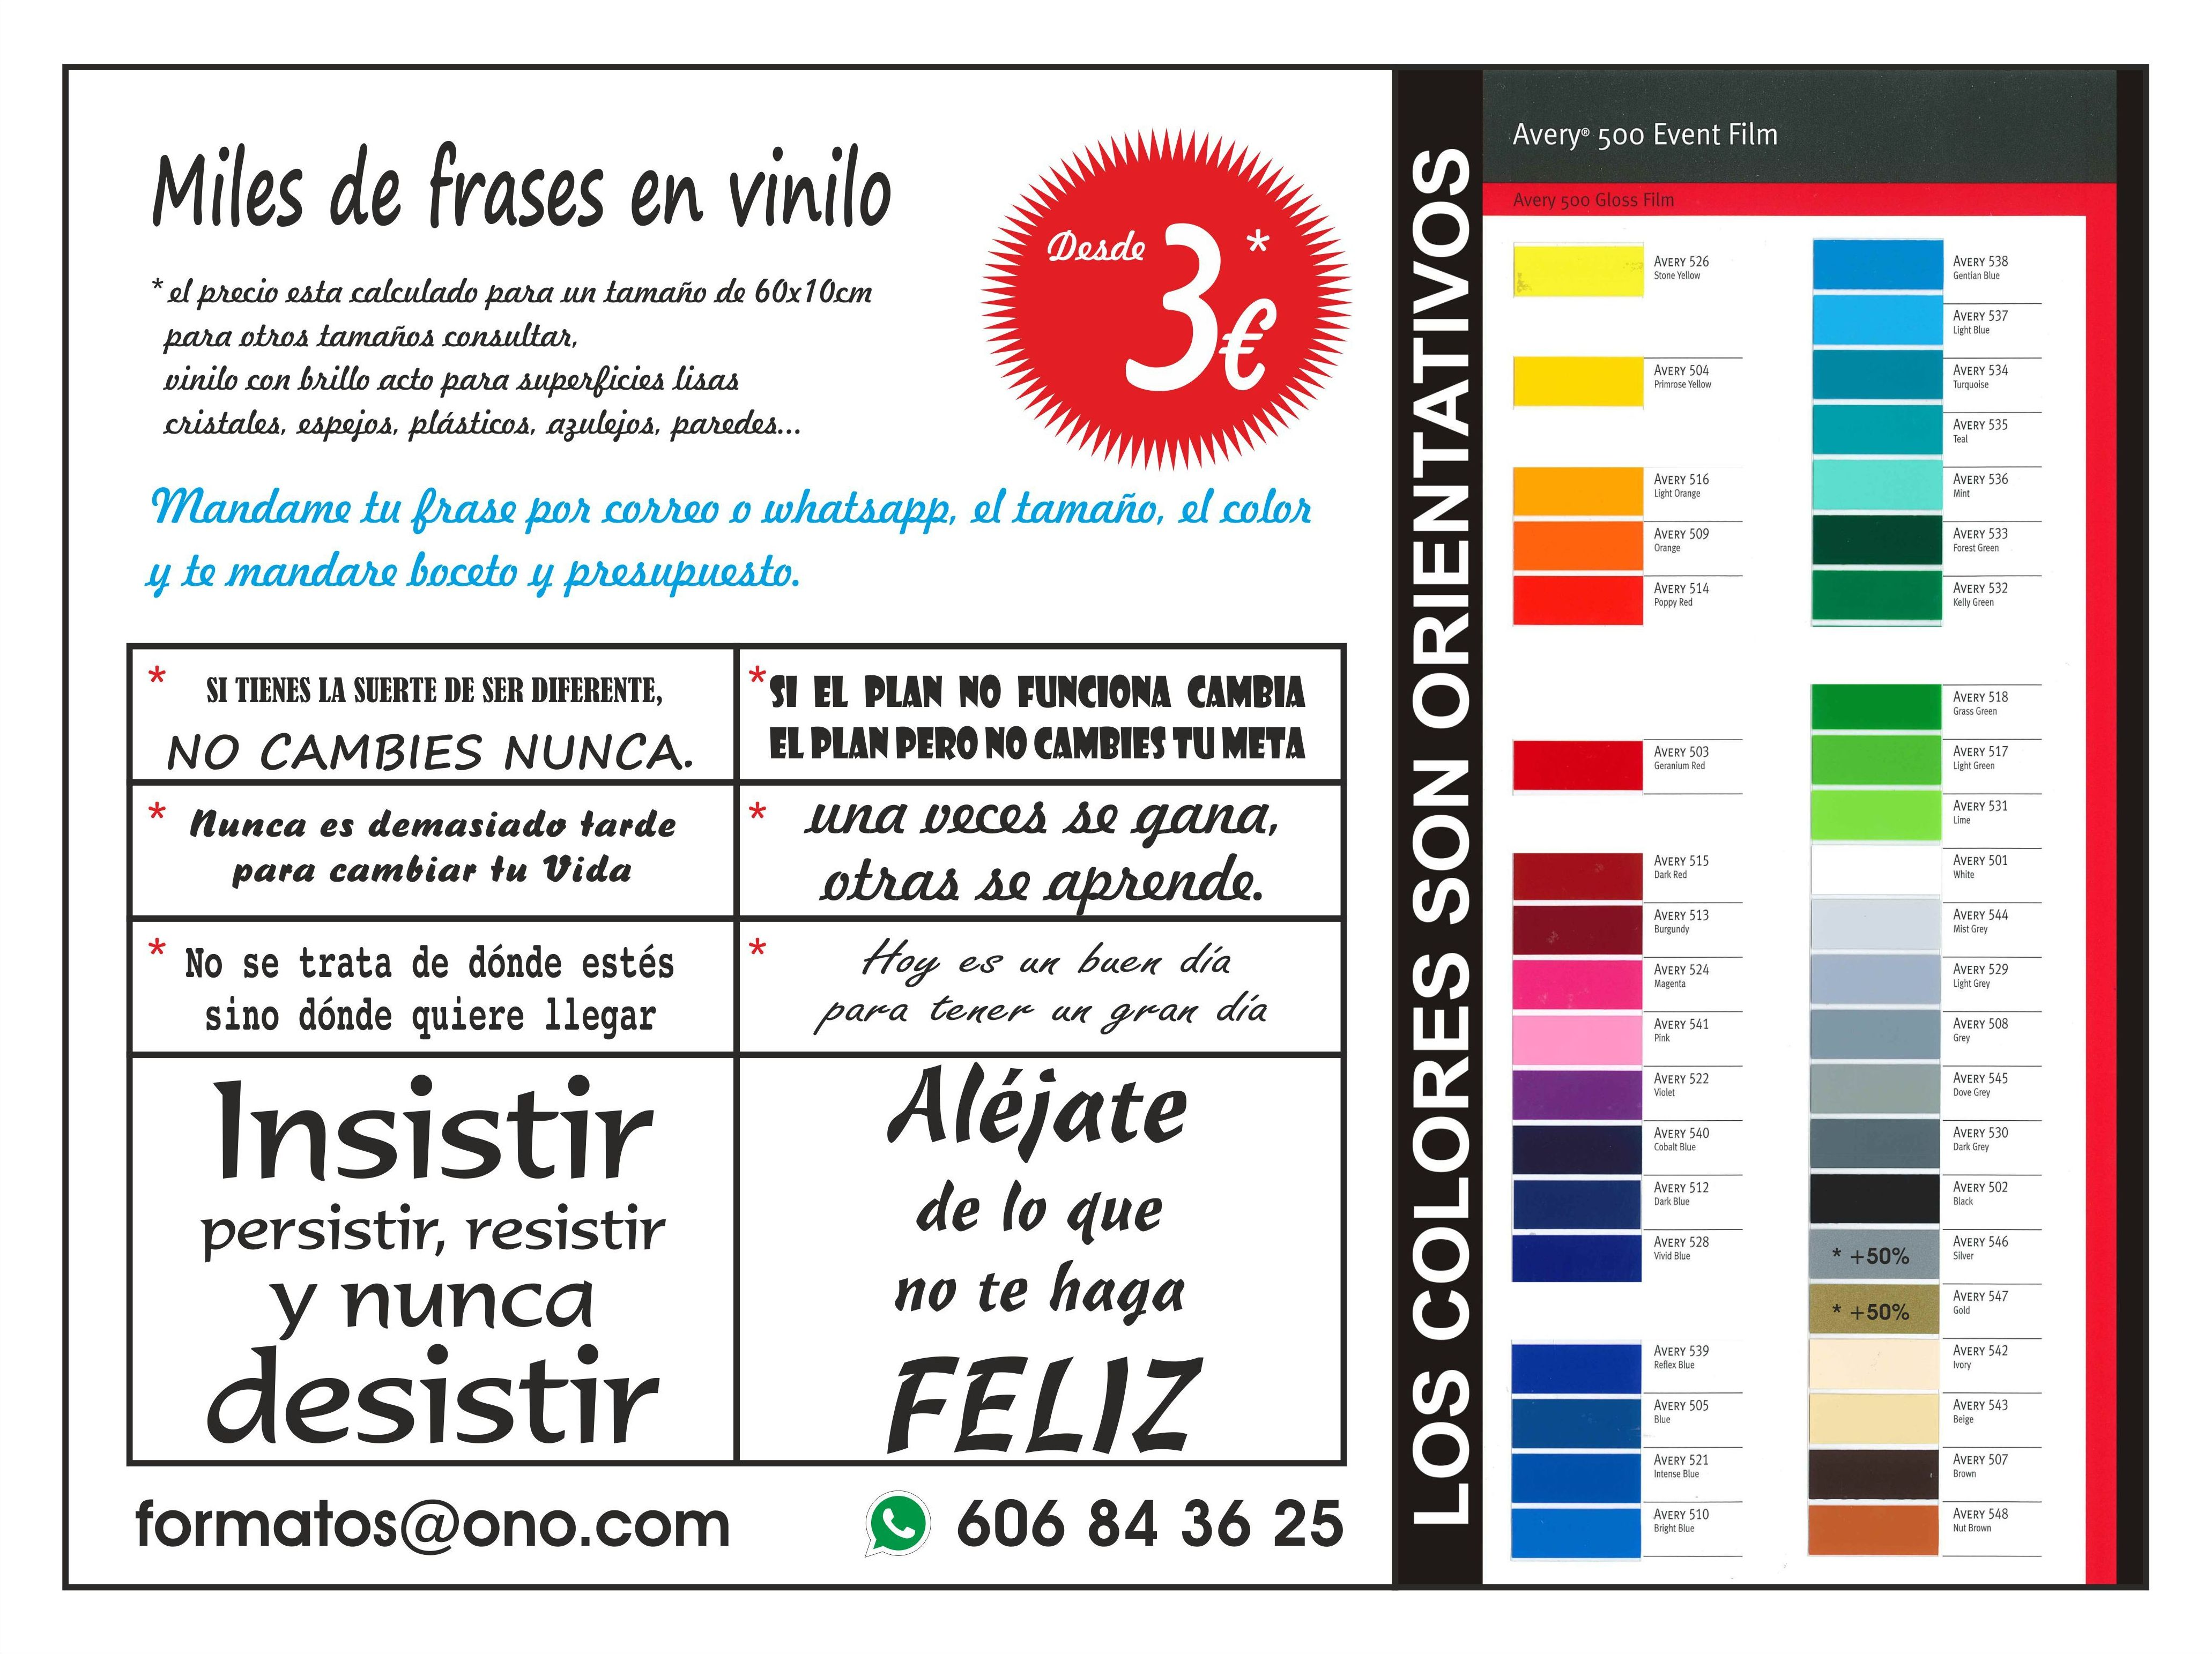 FRASES EN VINILO DESDE 3€: Productos y servicios de Papelería Formatos